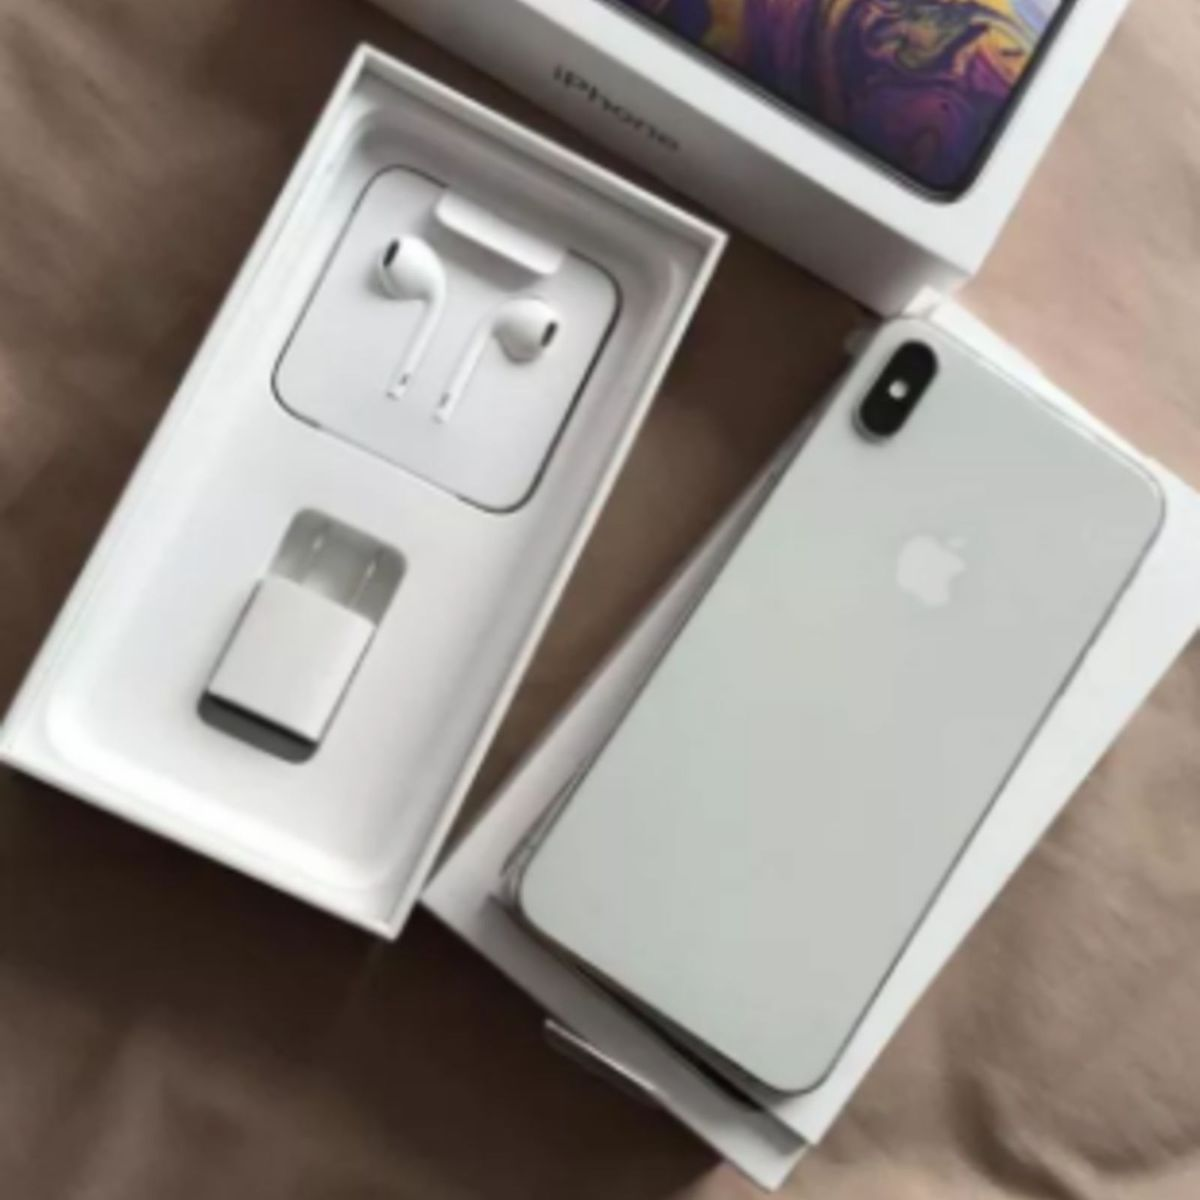 Apple Iphone Xs 256gb Prateado | Iphone Apple Nunca Usado 30876343 | enjoei